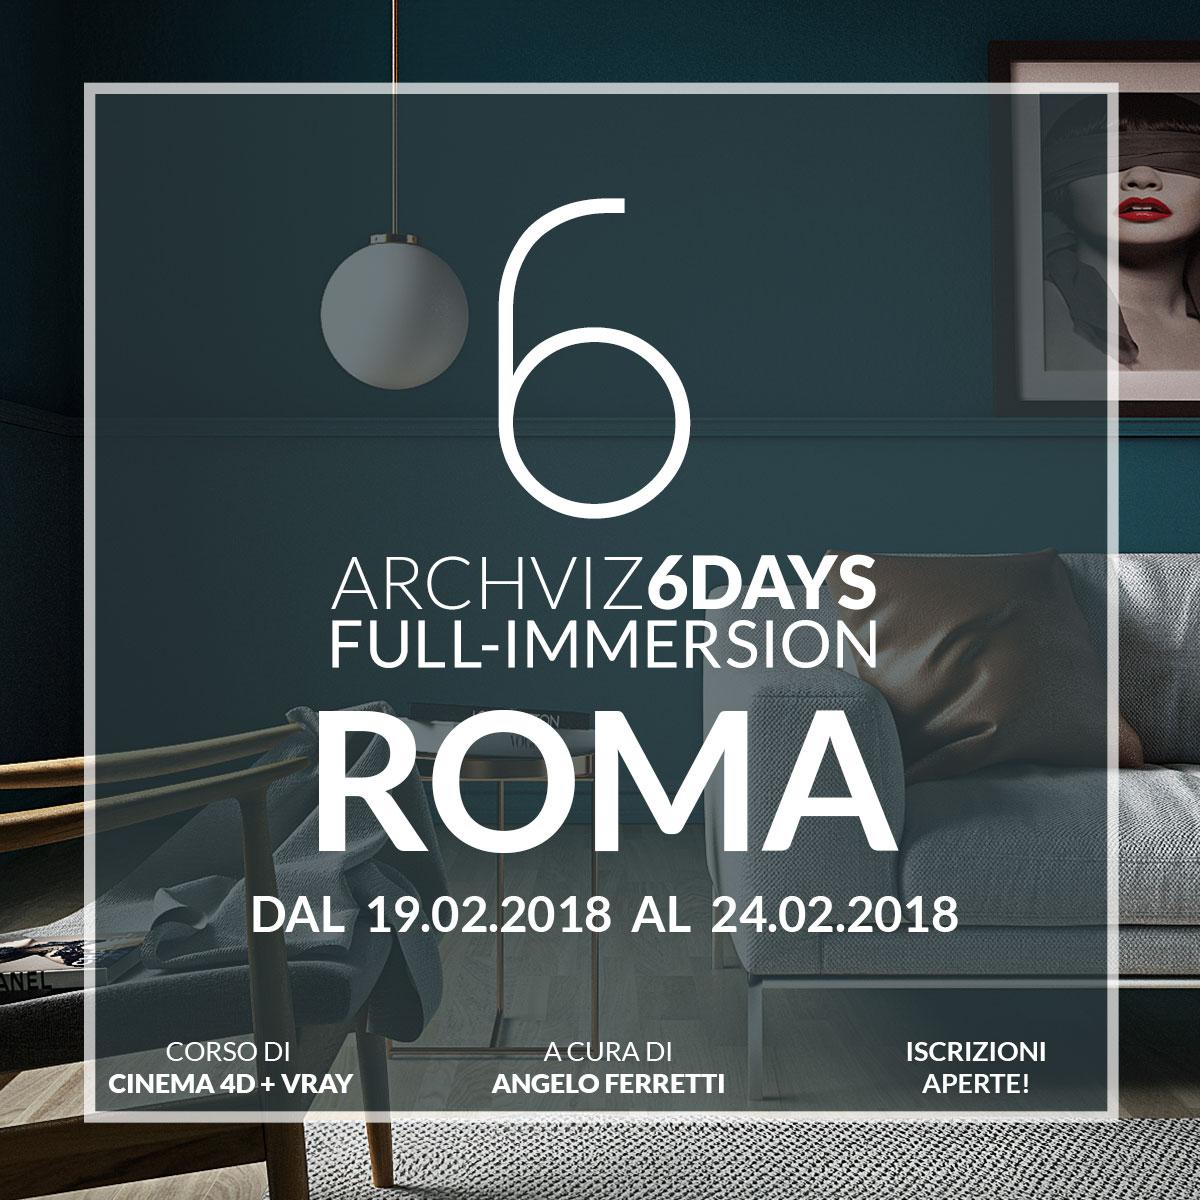 Corso di Cinema 4D + V-Ray per l'architettura e il design